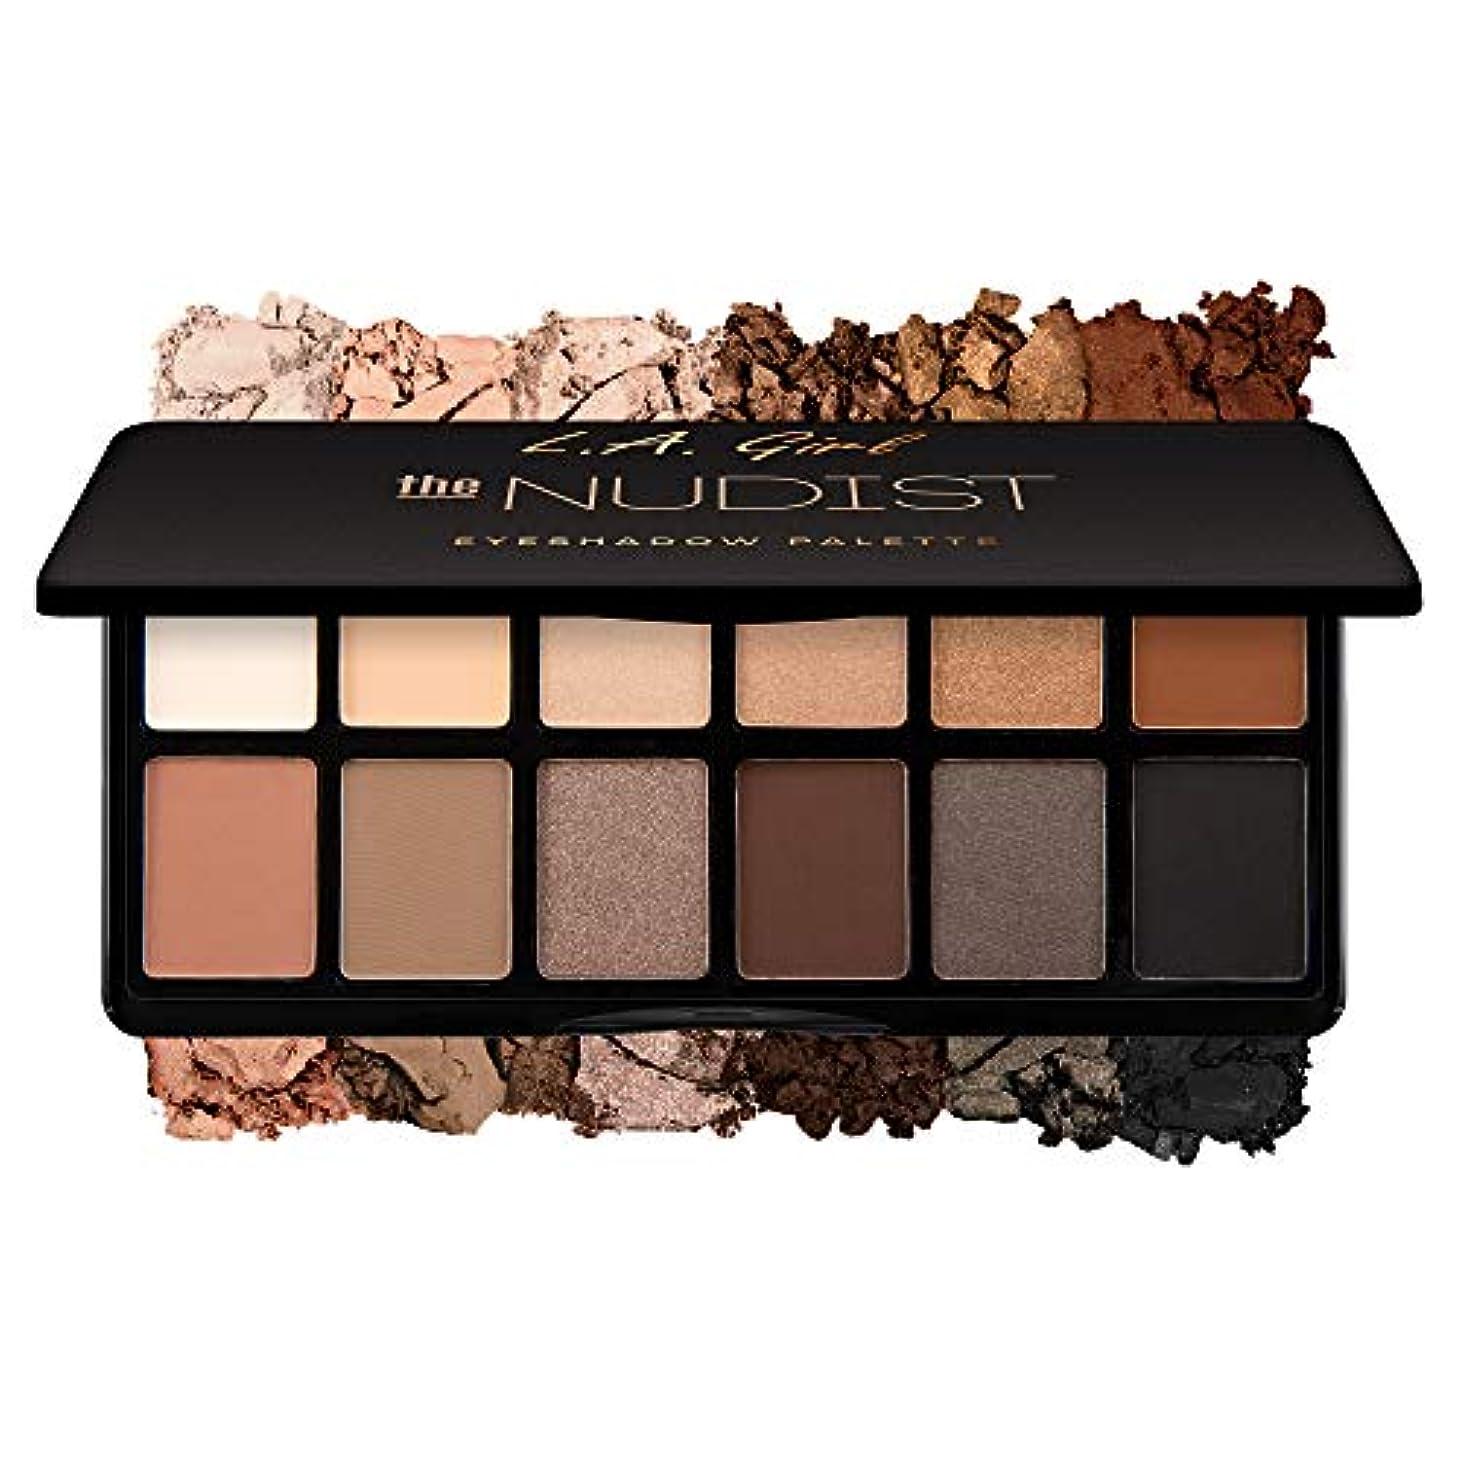 悪党拾うだらしないL.A. GIRL Fanatic Eyeshadow Palette - The Nudist (並行輸入品)